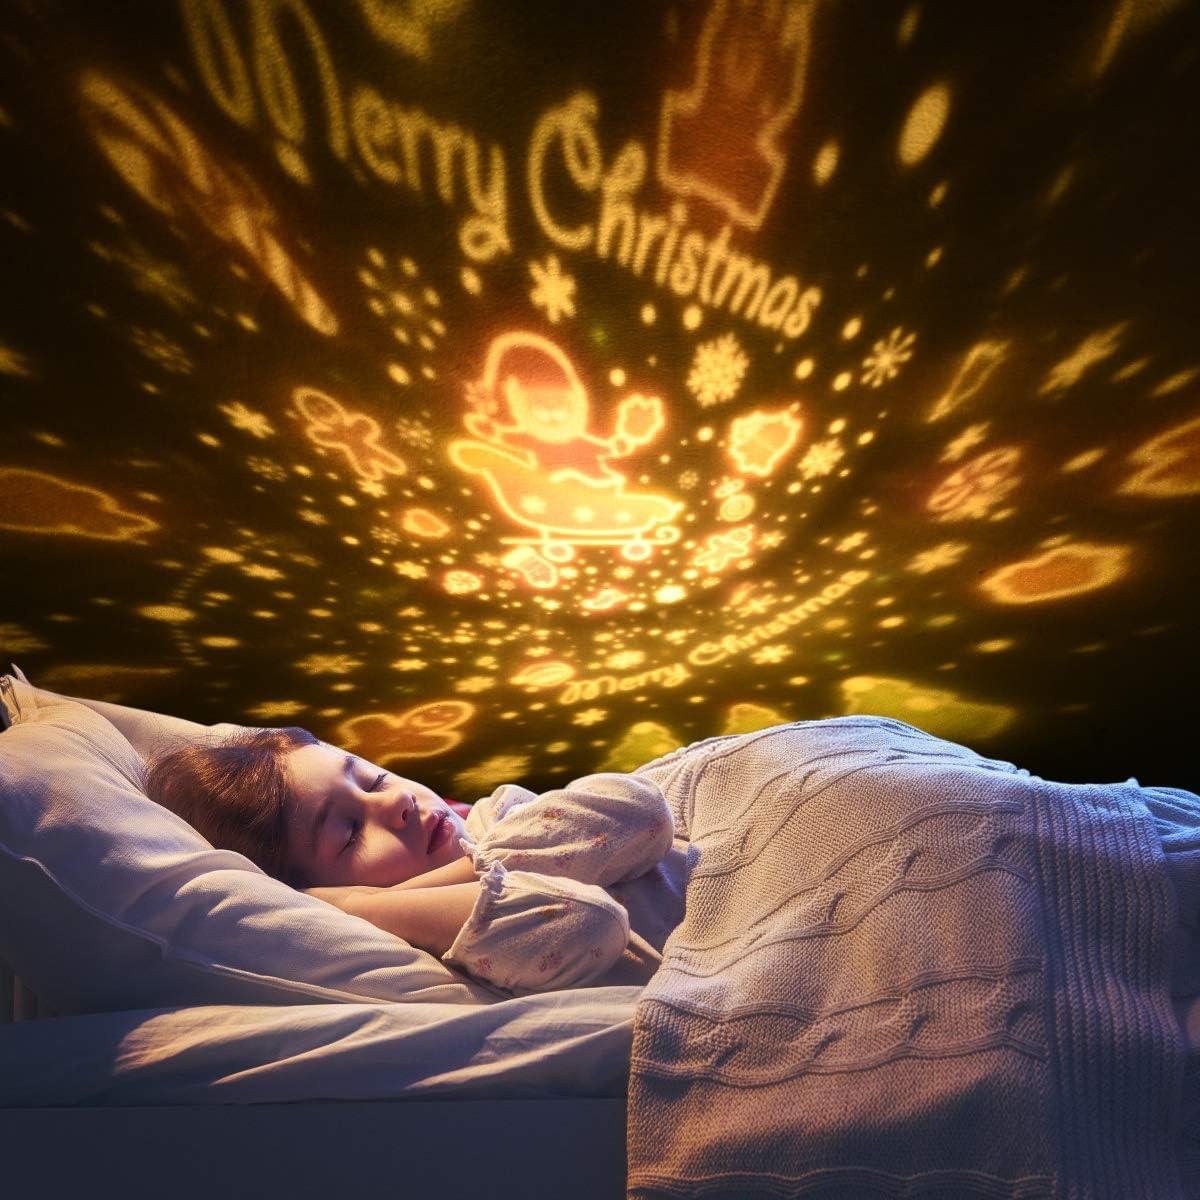 360/°Rotazione Musicale Lampada Proiettore Stelle con lo Schermo a Led e Telecomando Coniglio Luce Notturna per Neonati//Bambini URAQT Luce Notturna Proiettore Luci Notte per Bambini